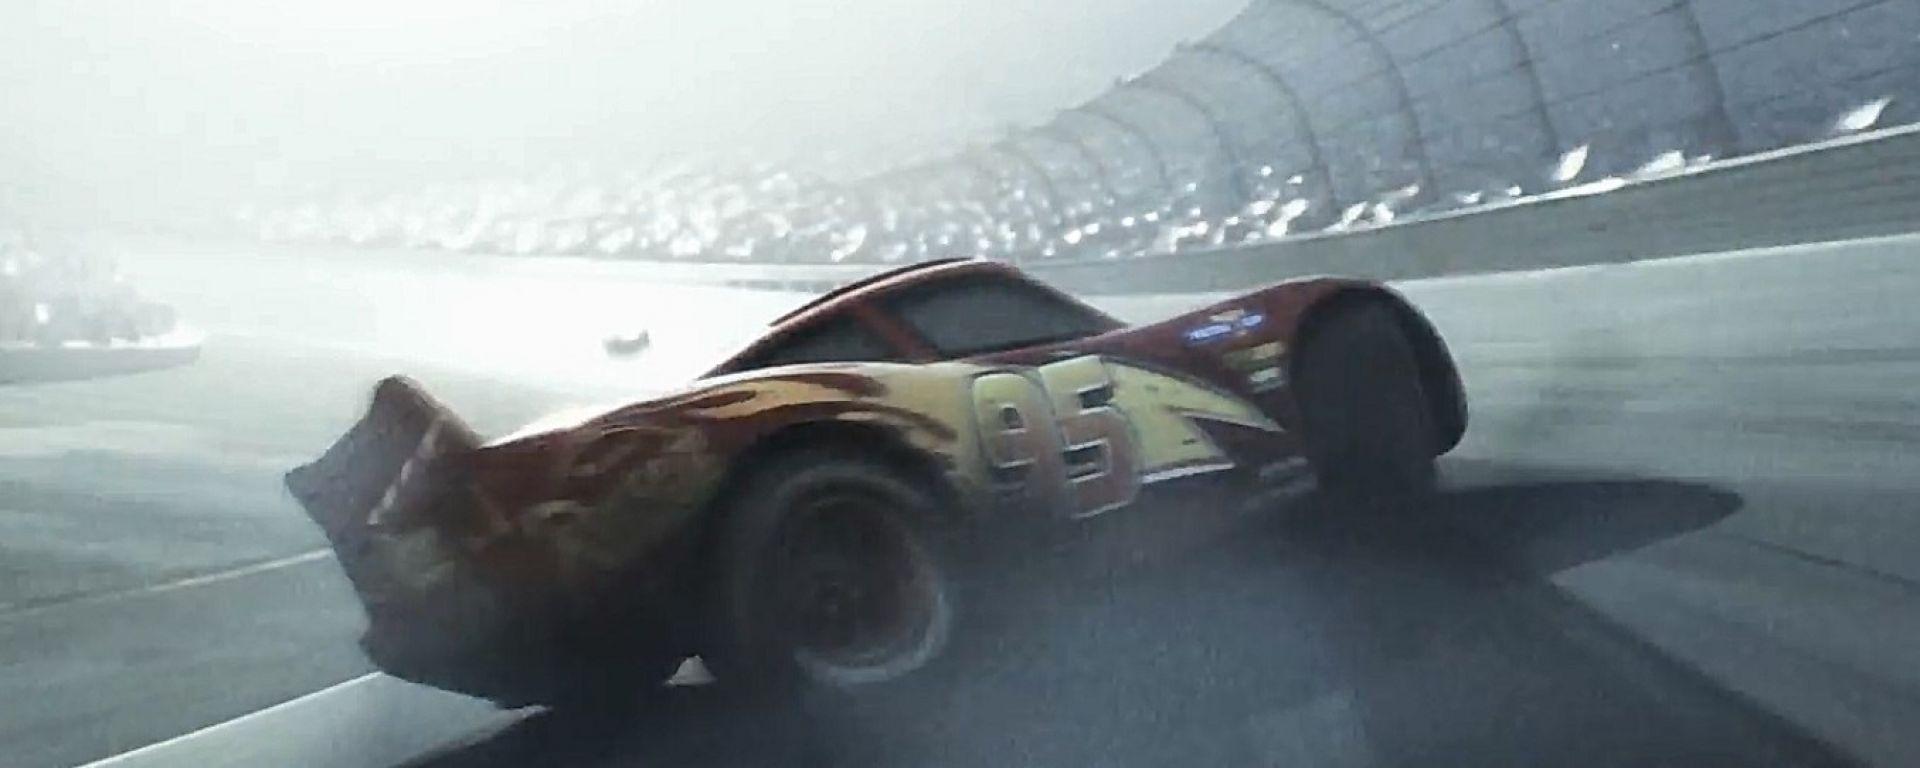 Cars 3: Disney e Pixar rilasciano il primo trailer ufficiale